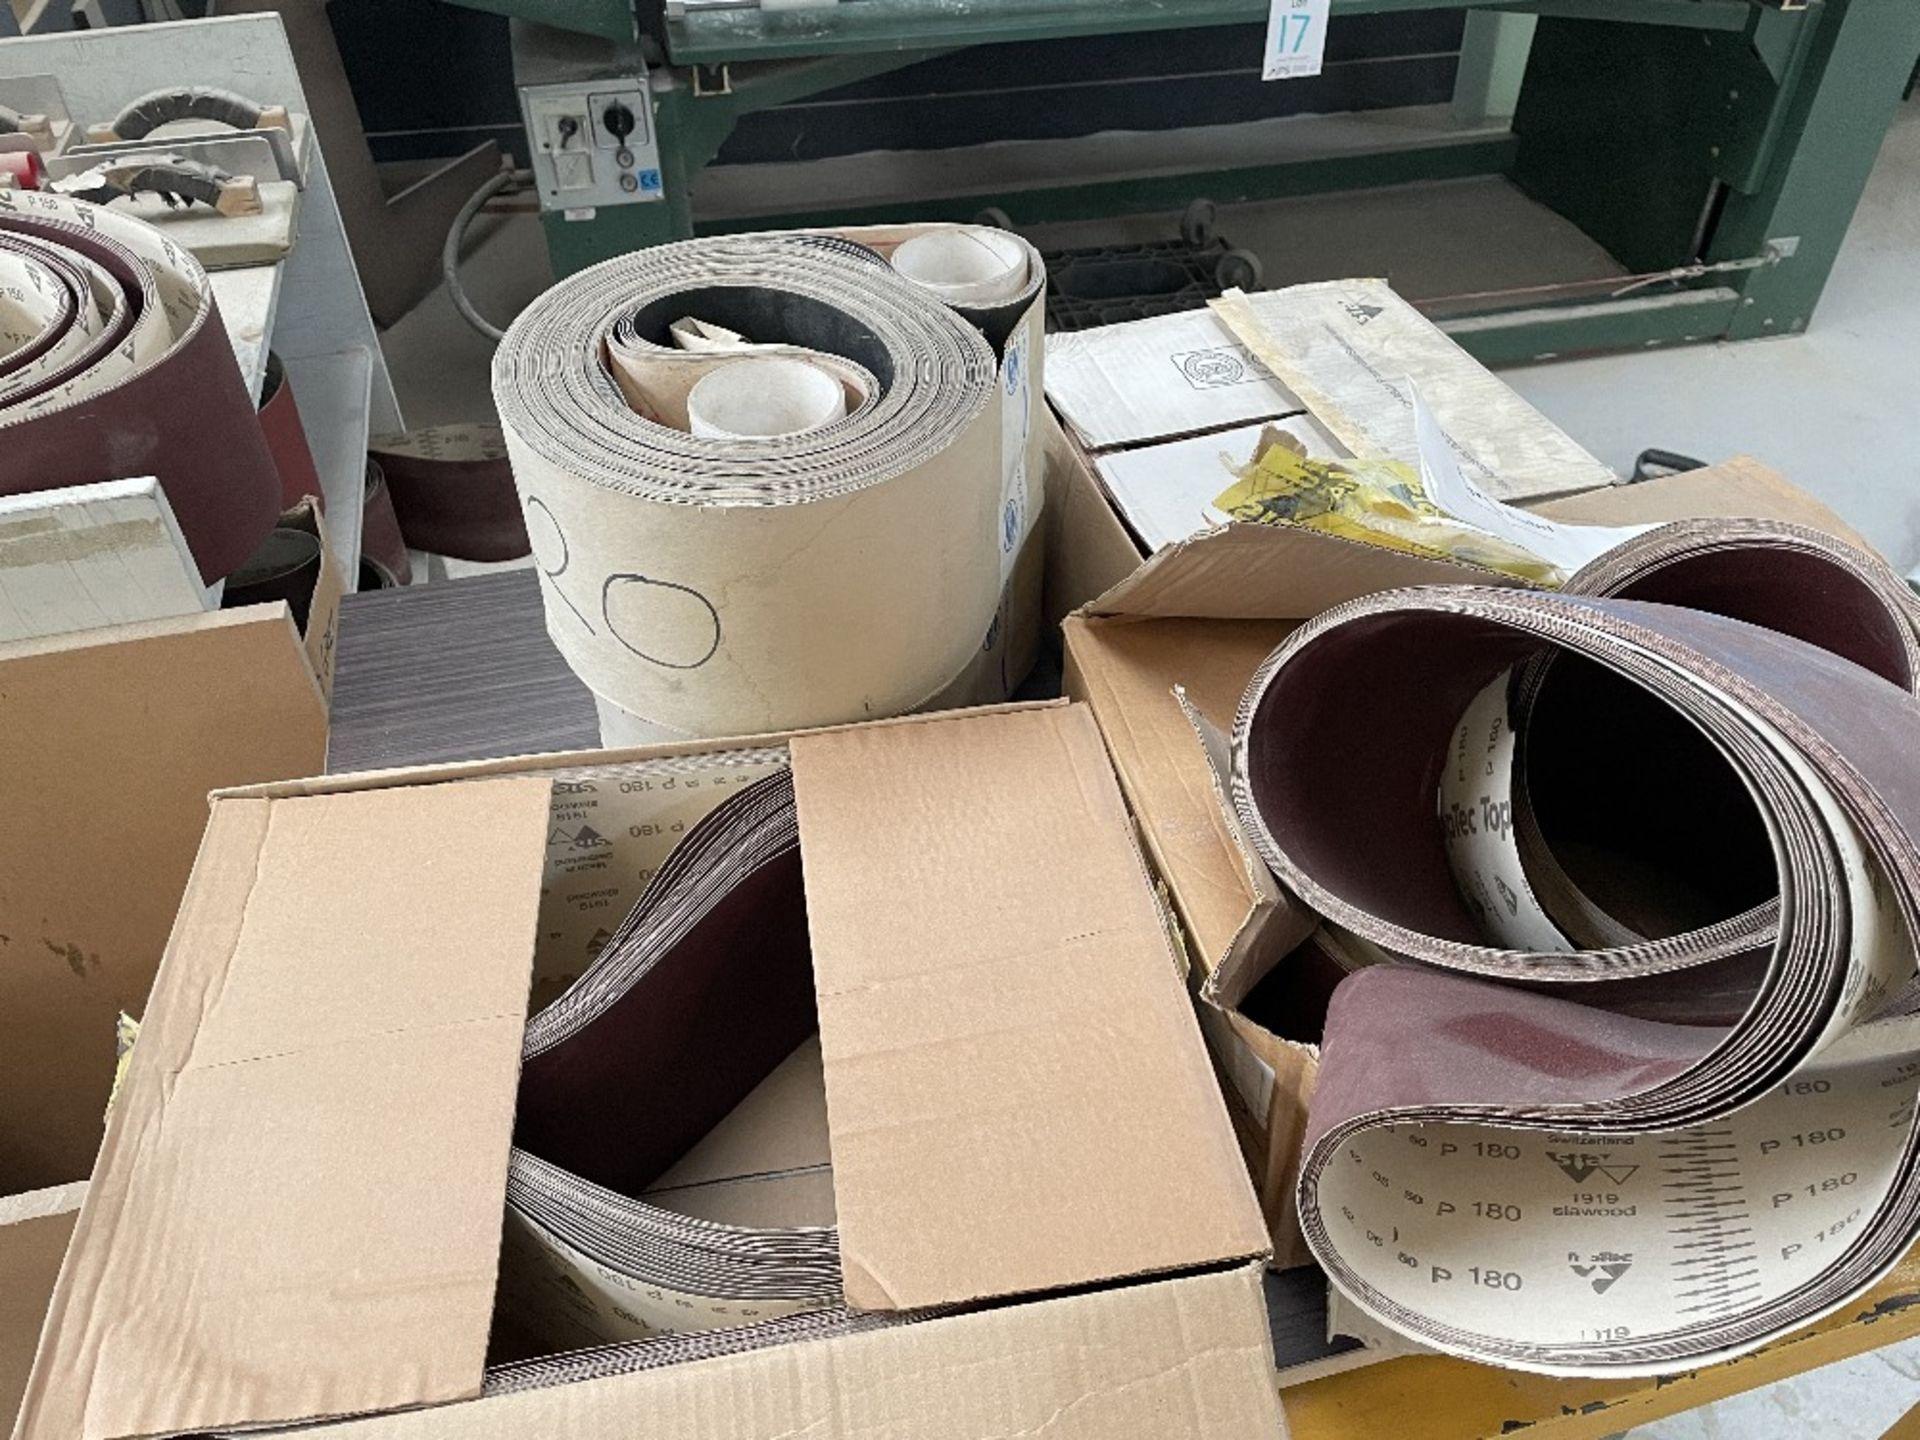 Felder FS 2200 Belt Sander w/ Spare Sanding Belts & Pads - Image 13 of 13